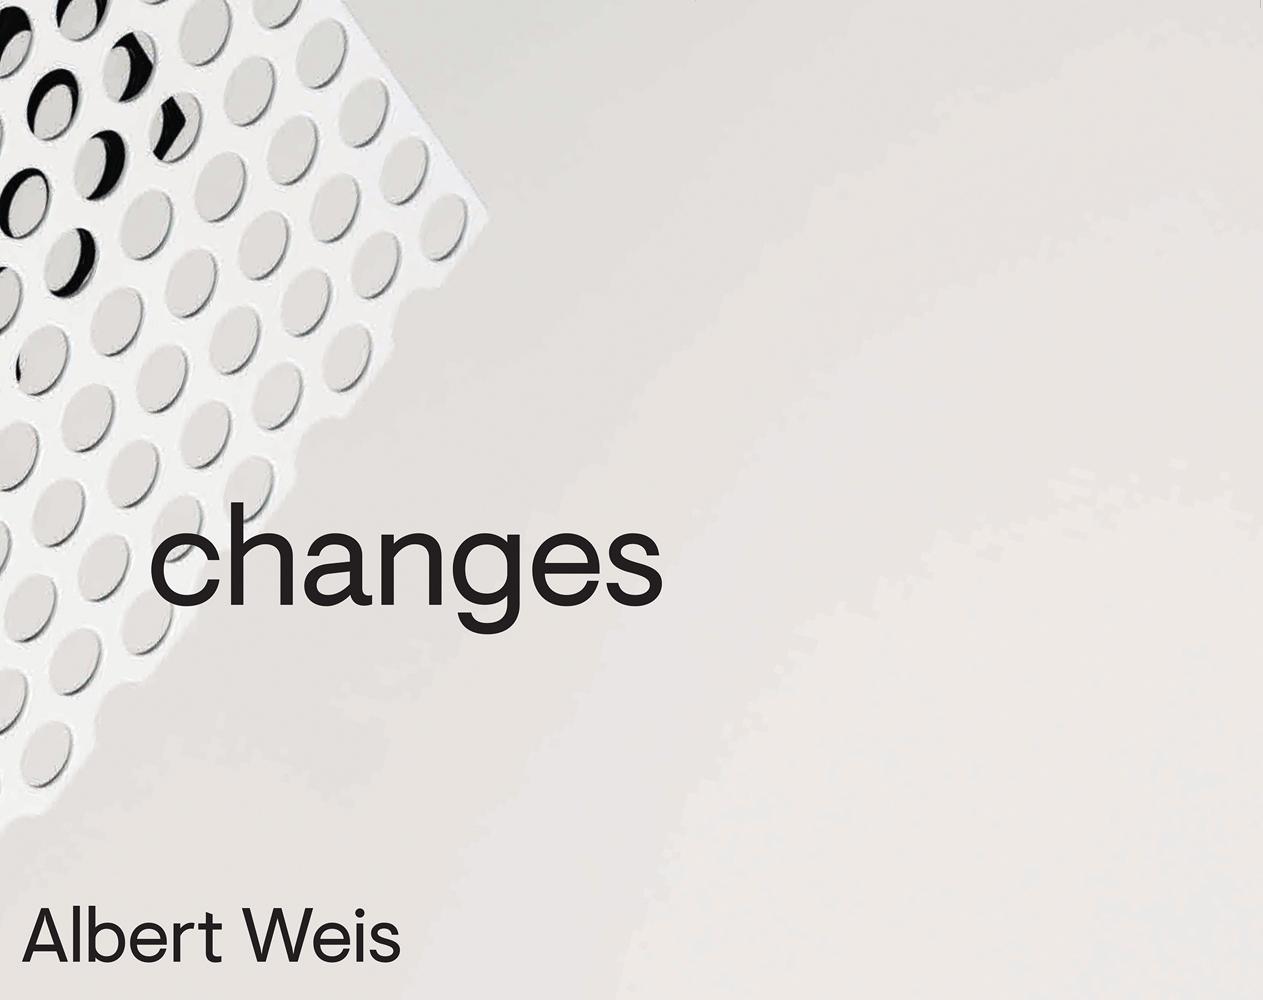 Albert Weis